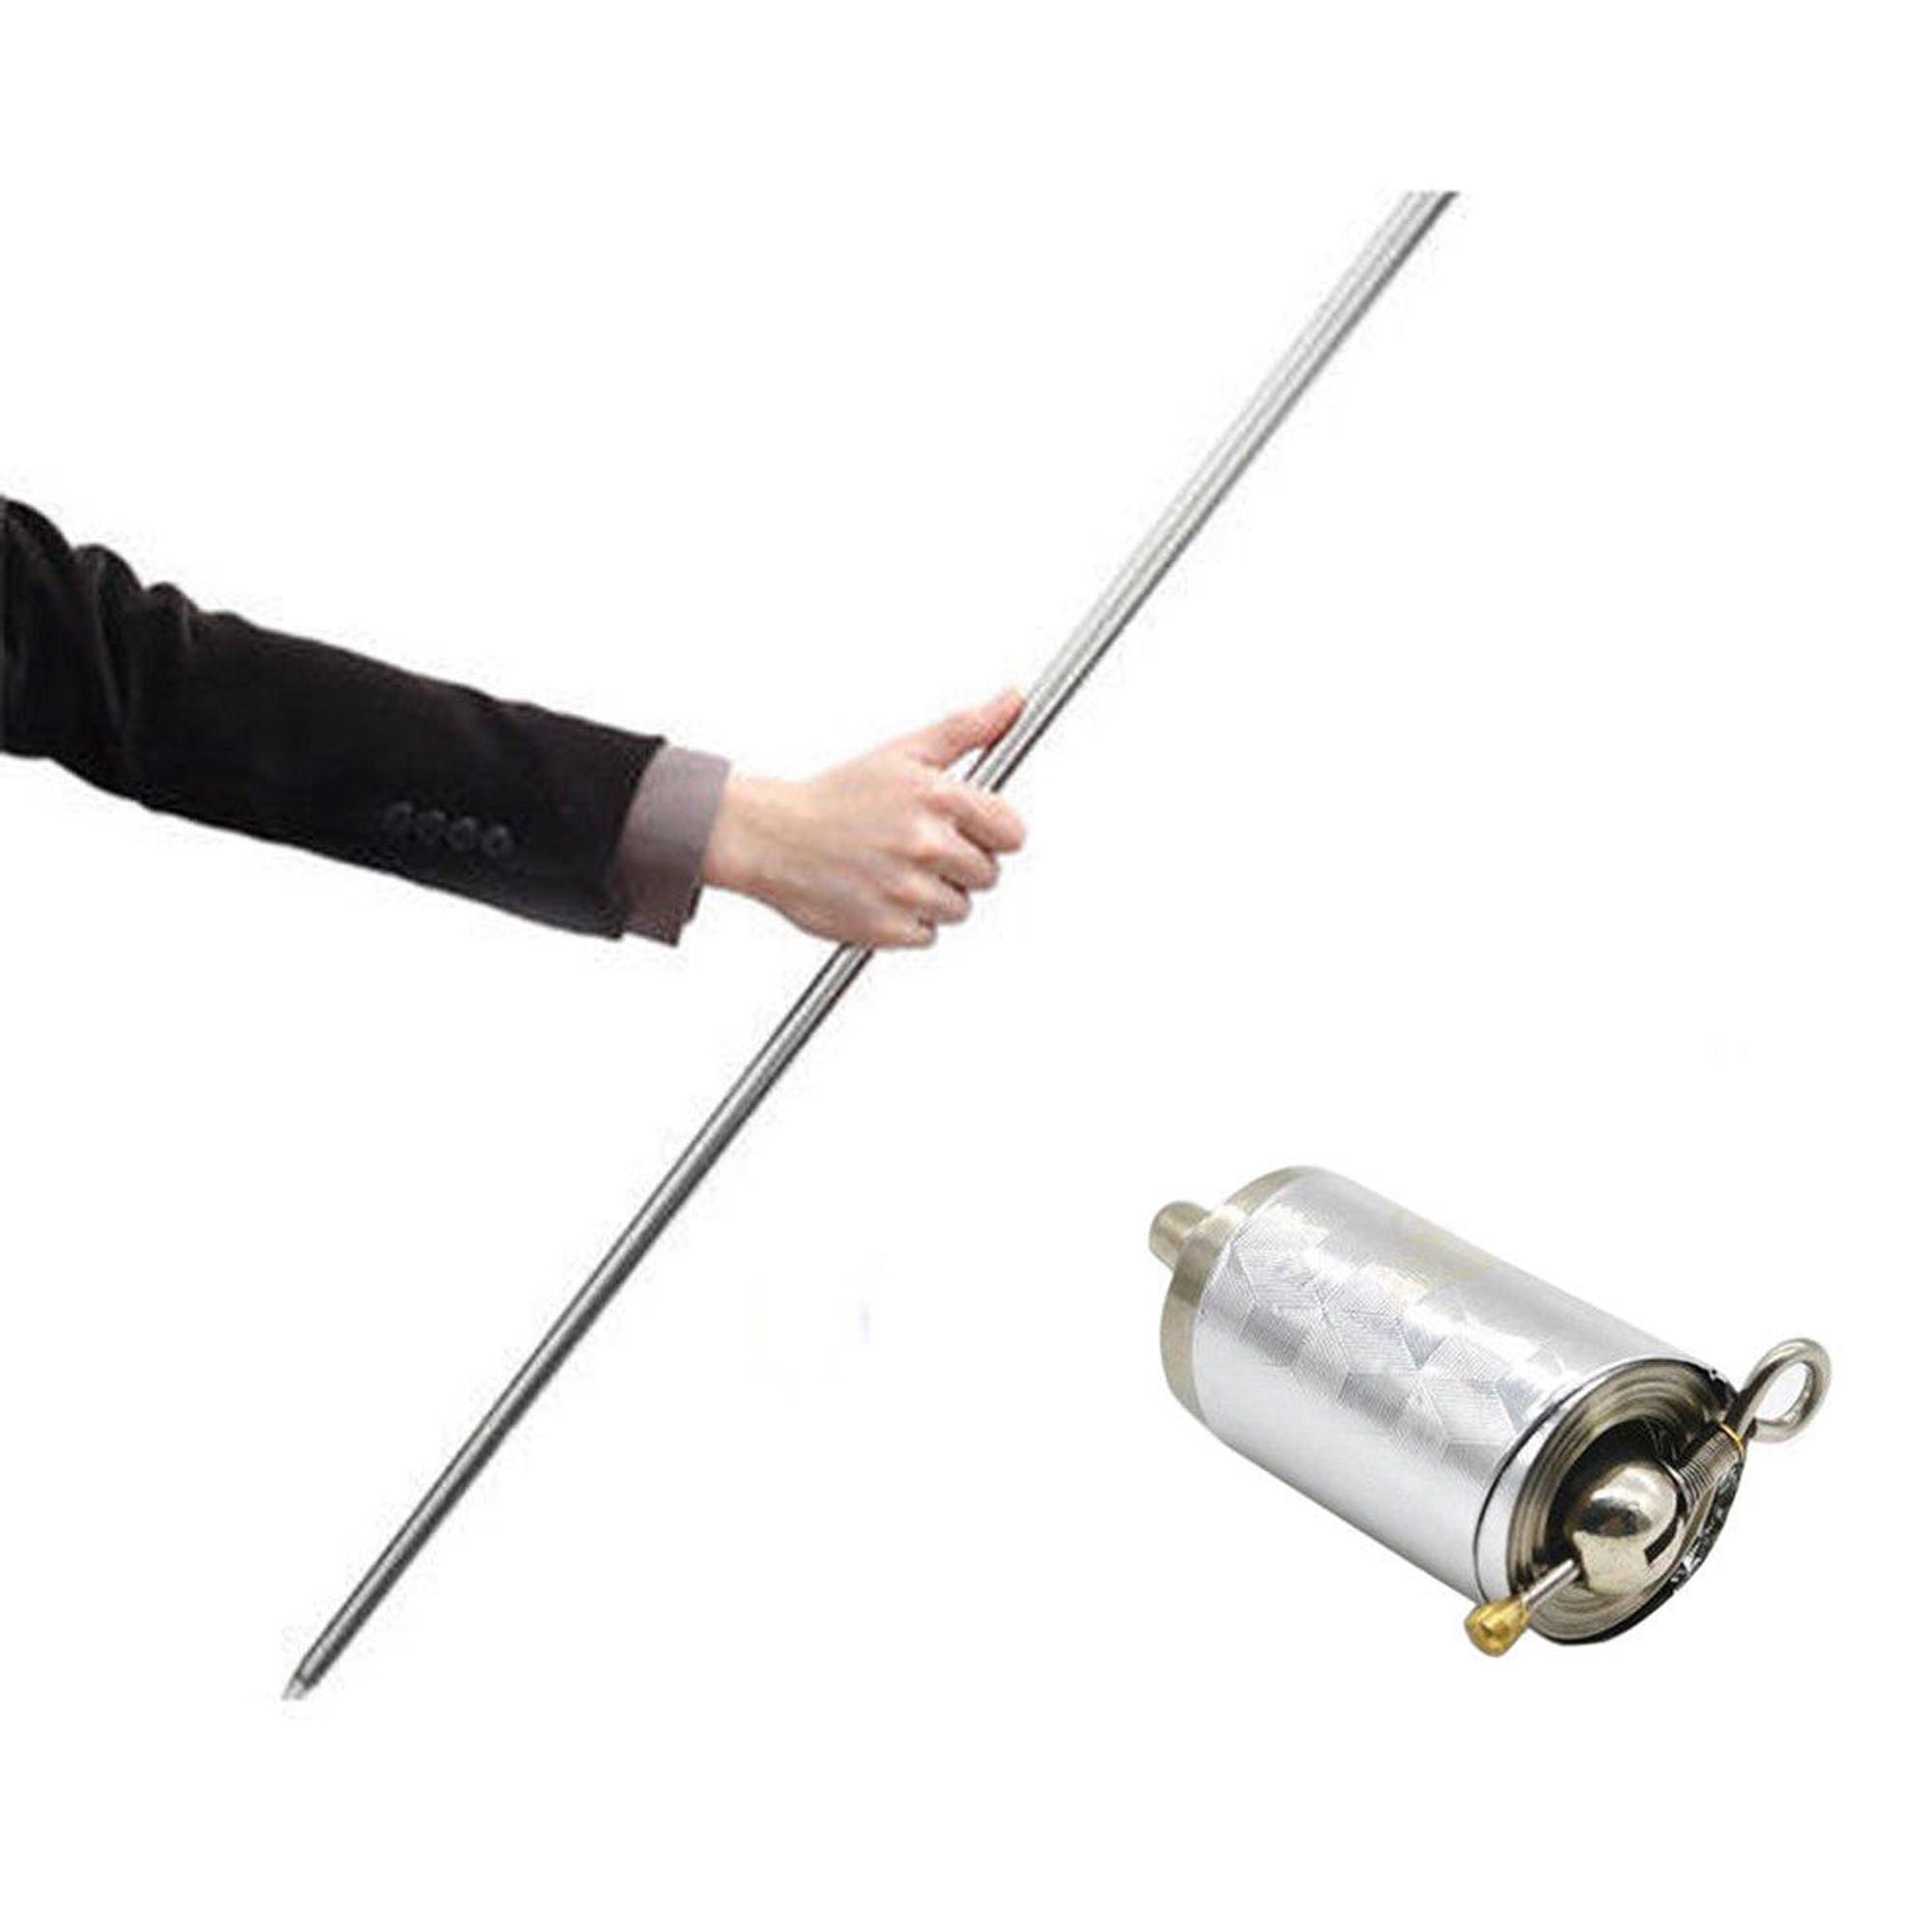 New Martial Arts Staff Self Defense Stick Portable Metal Magic Pocket Telescopic